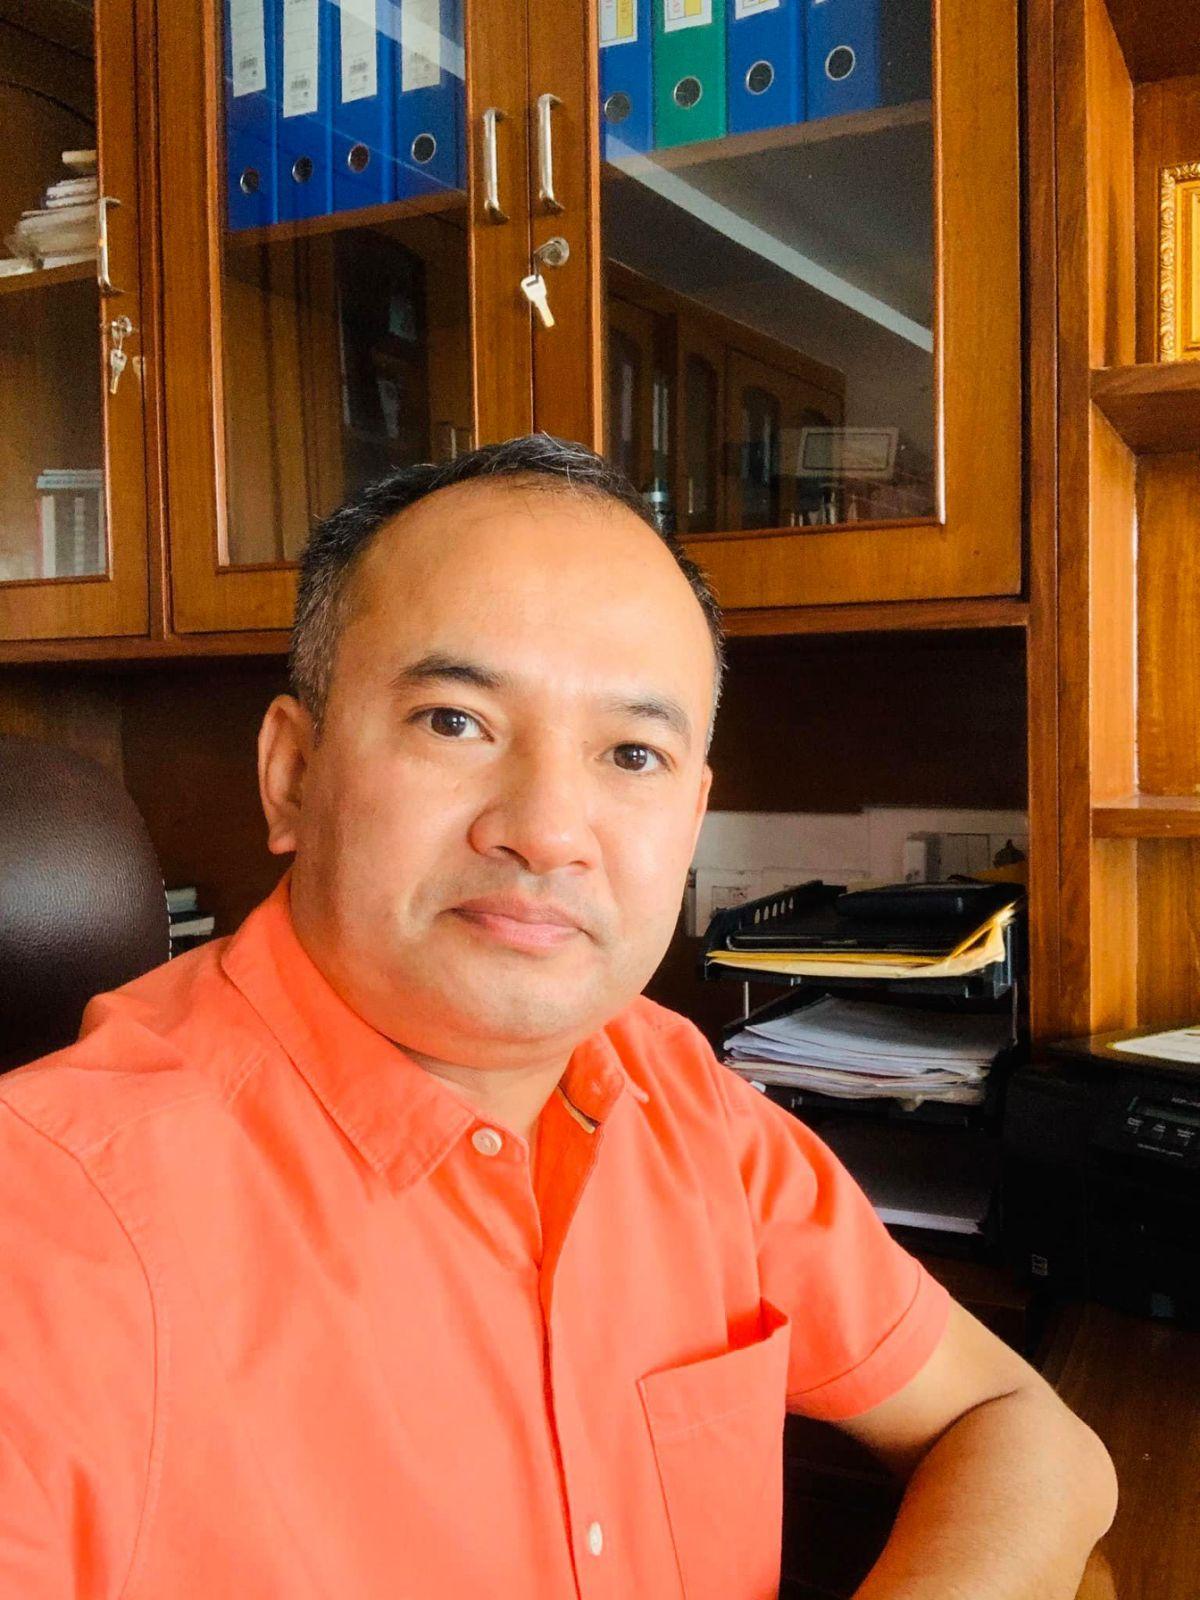 Nabaraj Shrestha